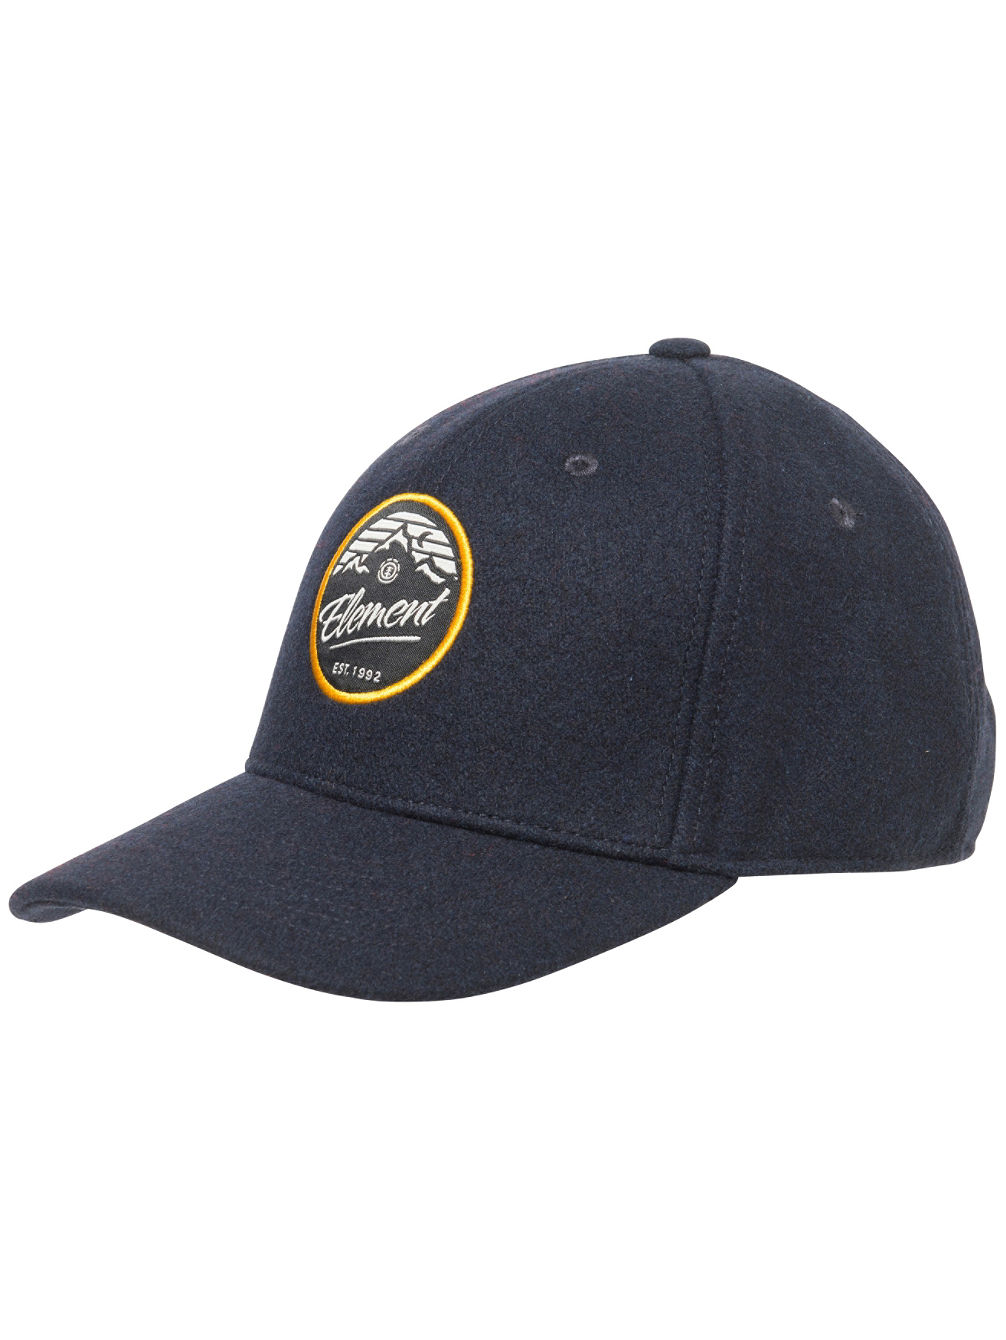 summit-cap